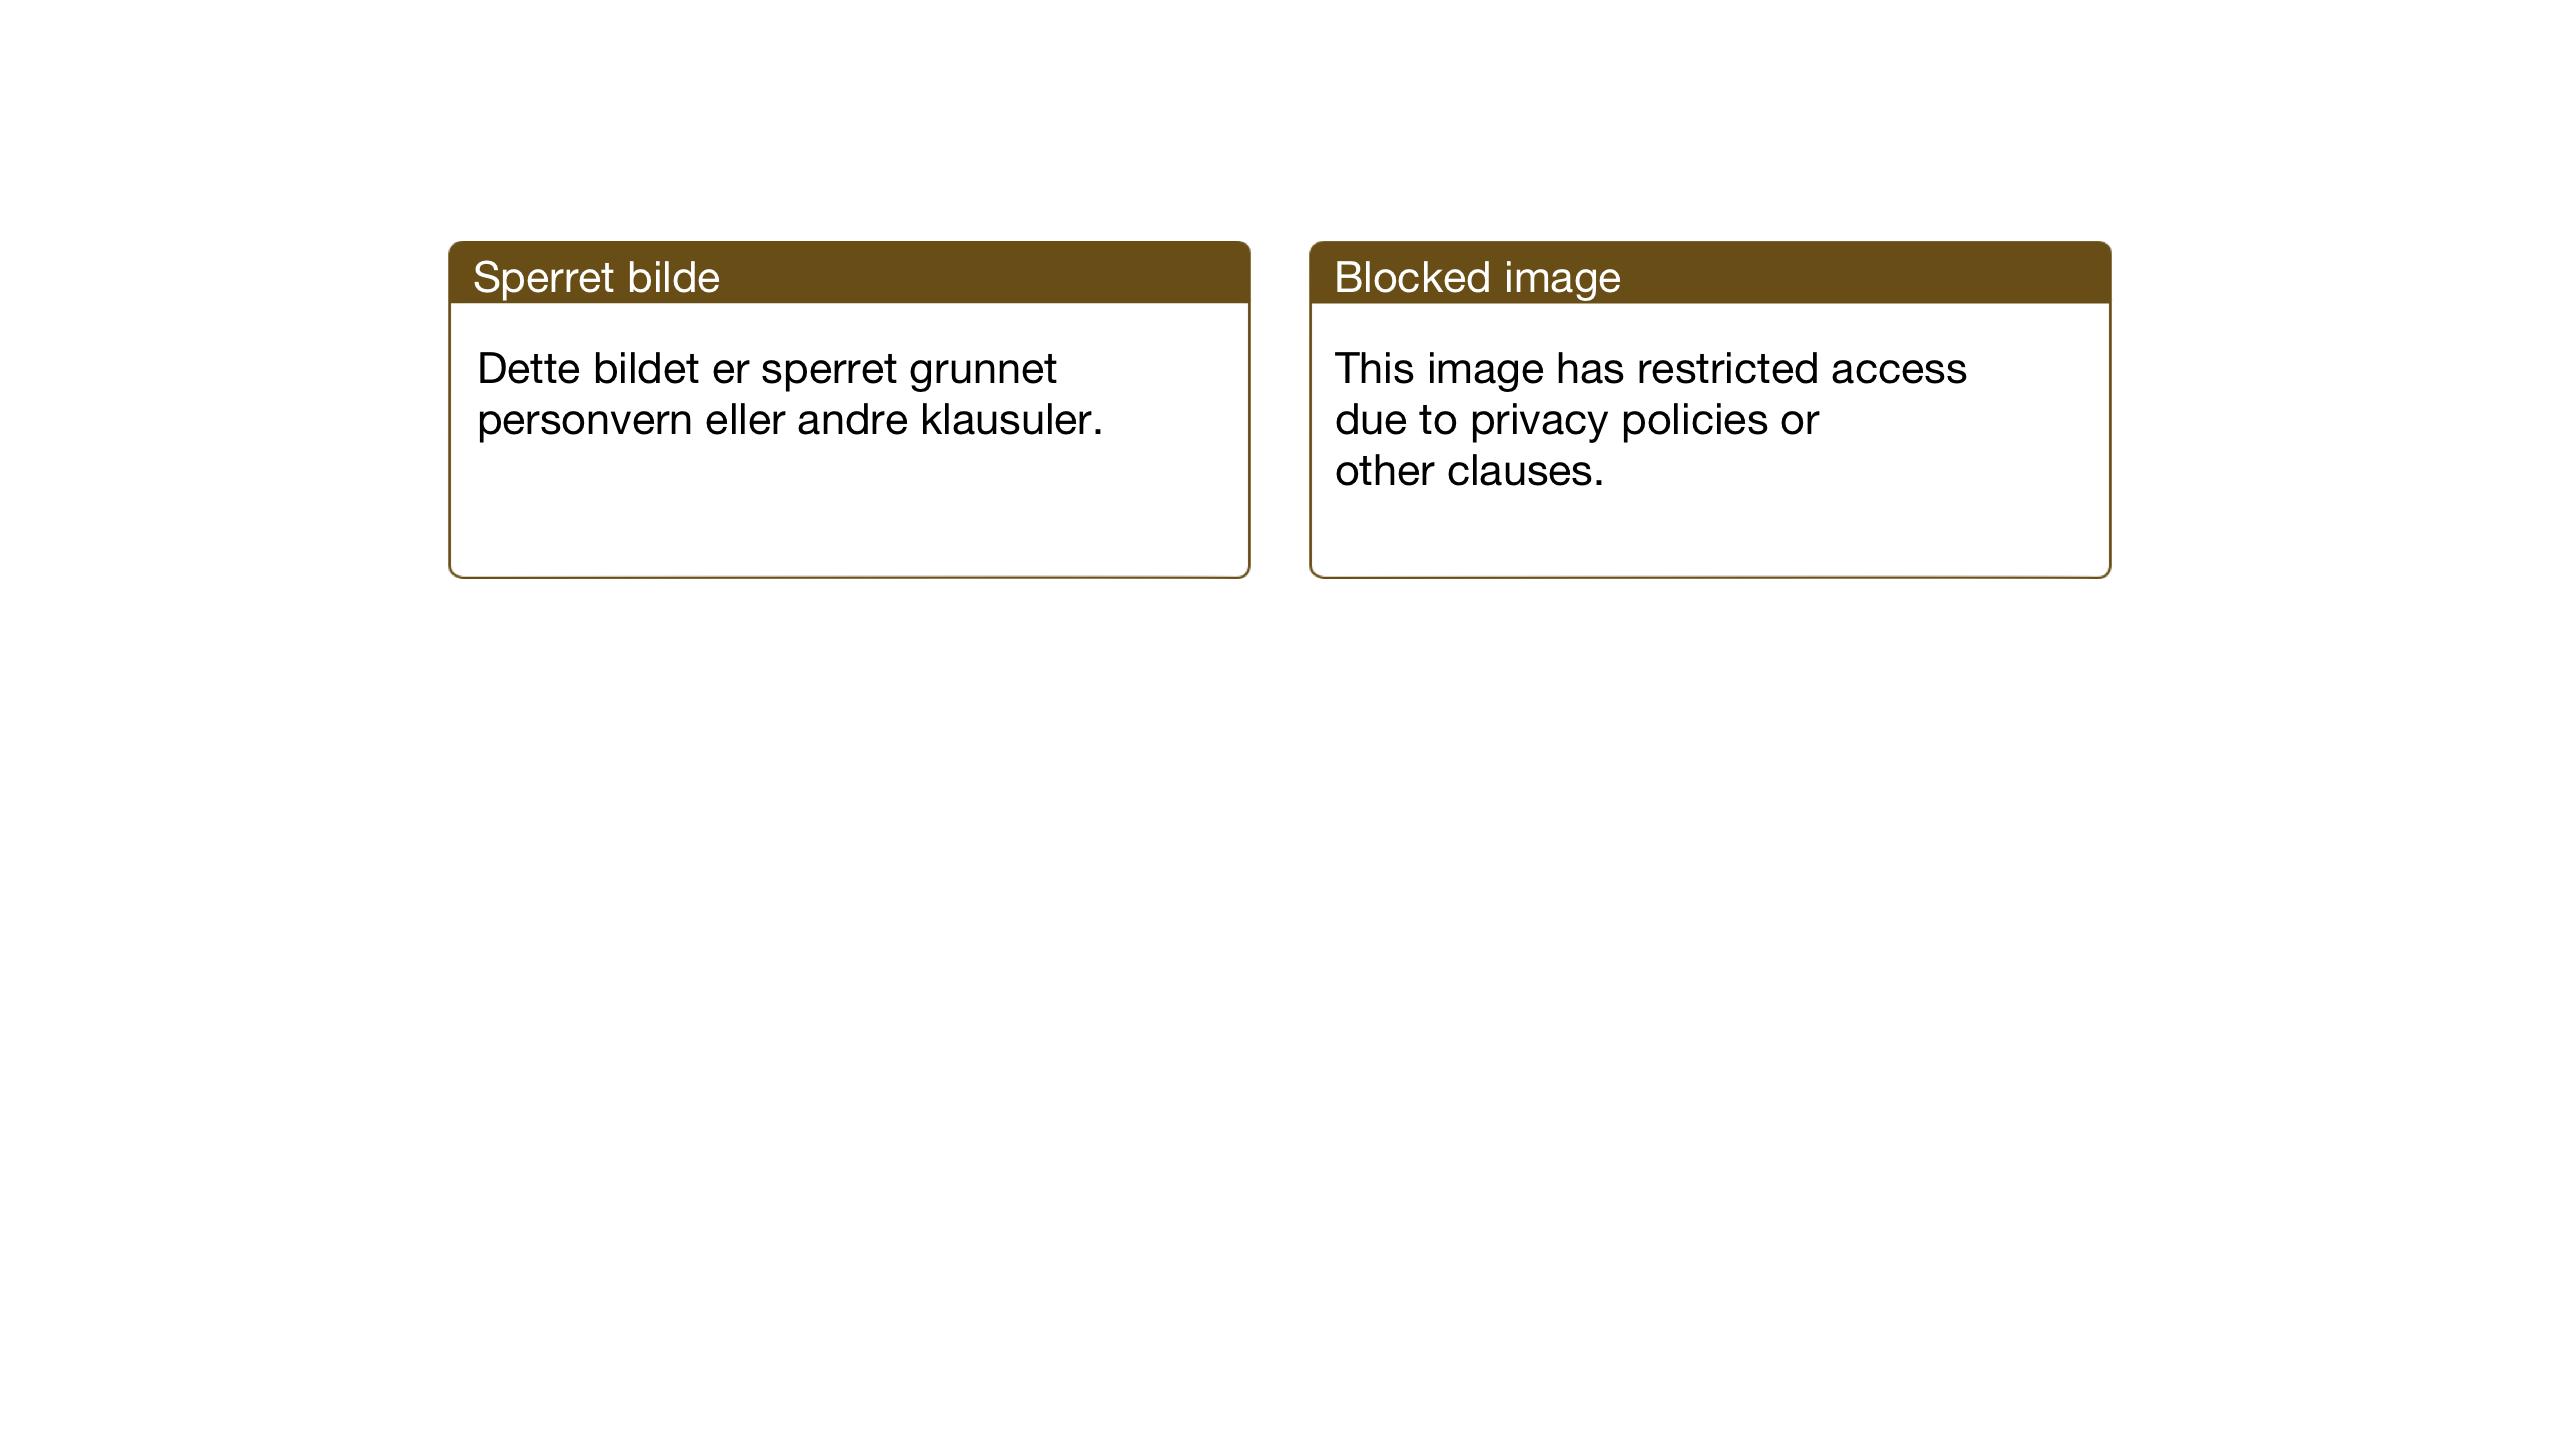 SAT, Ministerialprotokoller, klokkerbøker og fødselsregistre - Sør-Trøndelag, 637/L0564: Klokkerbok nr. 637C05, 1928-1968, s. 225